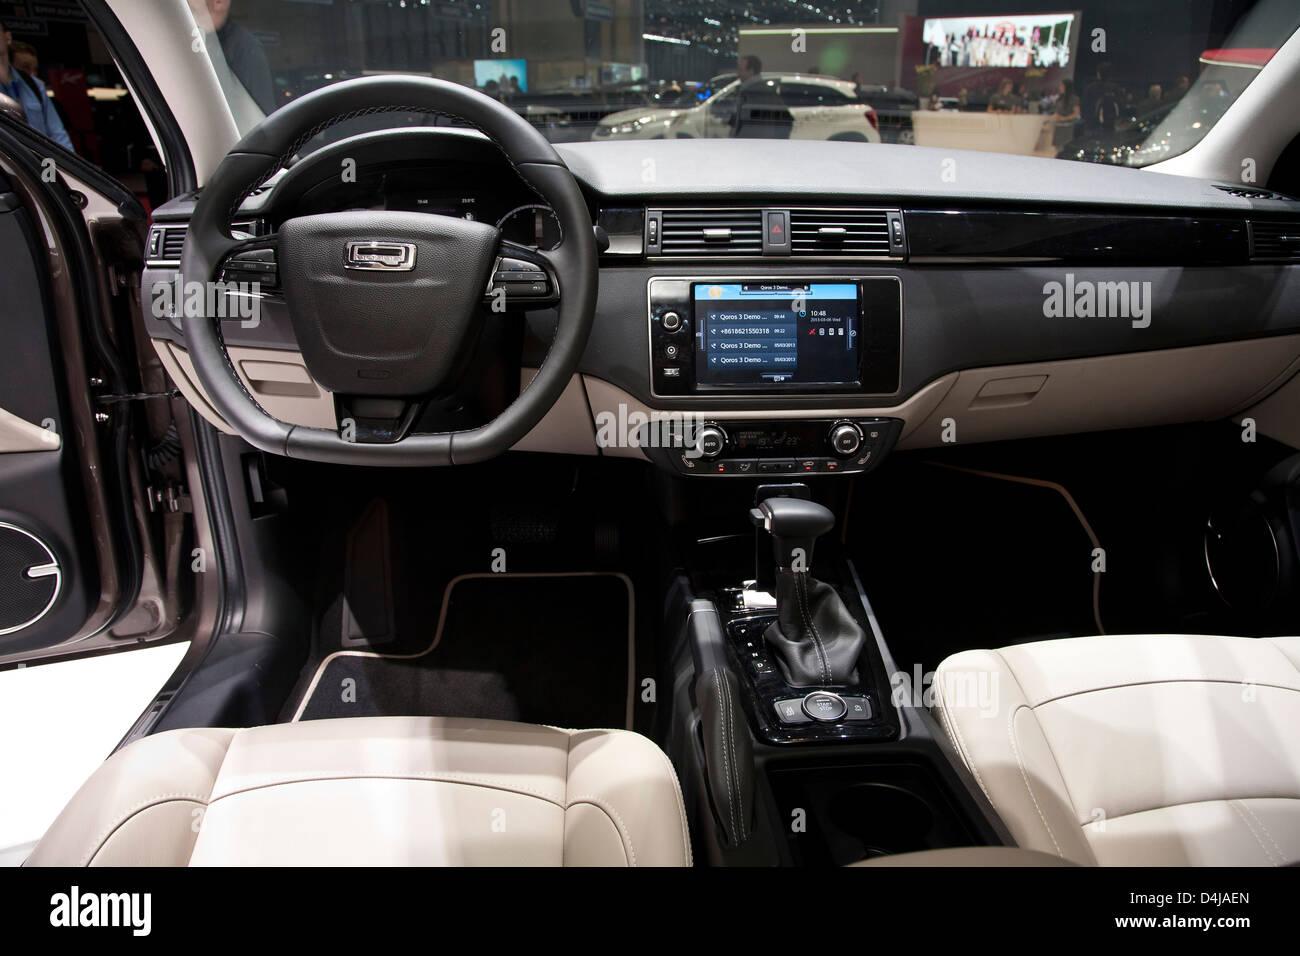 Nueva marca de automóvil Qoros chino hace su debut en el Salón del Automóvil de Ginebra. Estreno Imagen De Stock